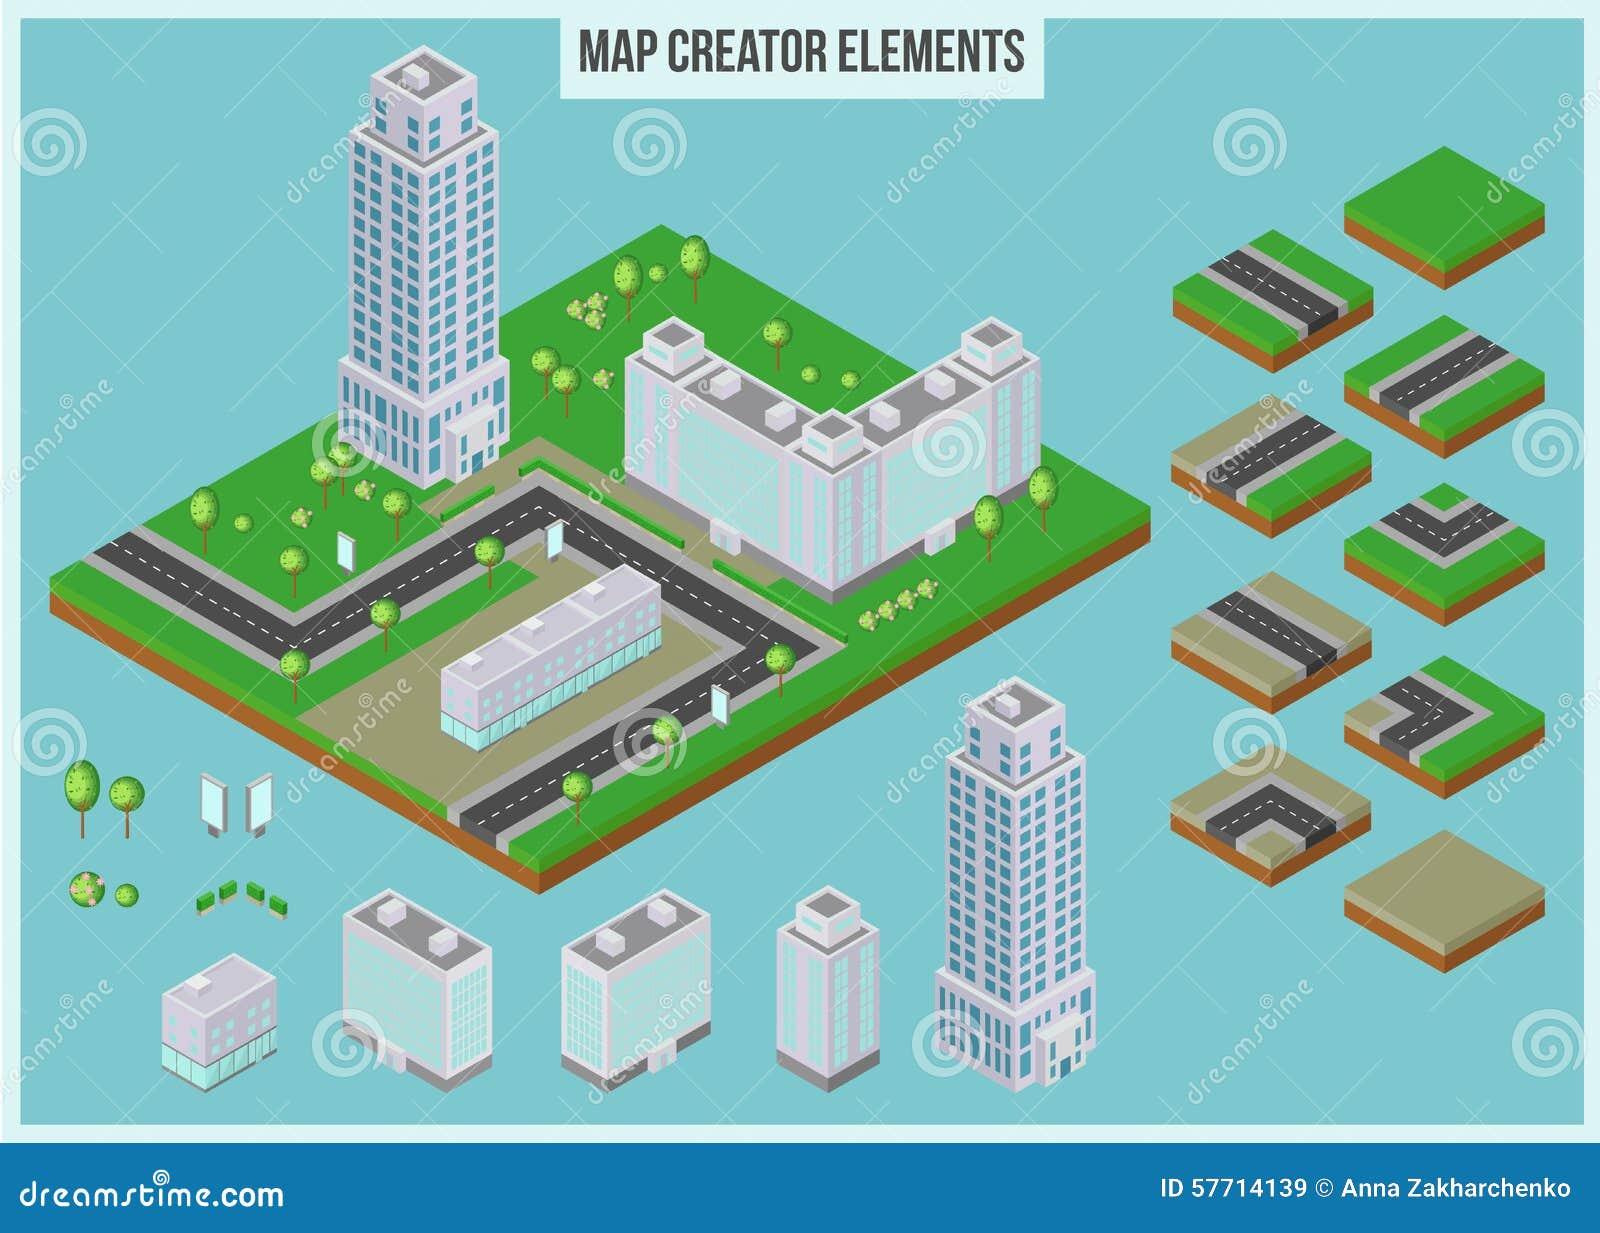 Elementos Isom Tricos Del Creador Del Mapa Para El